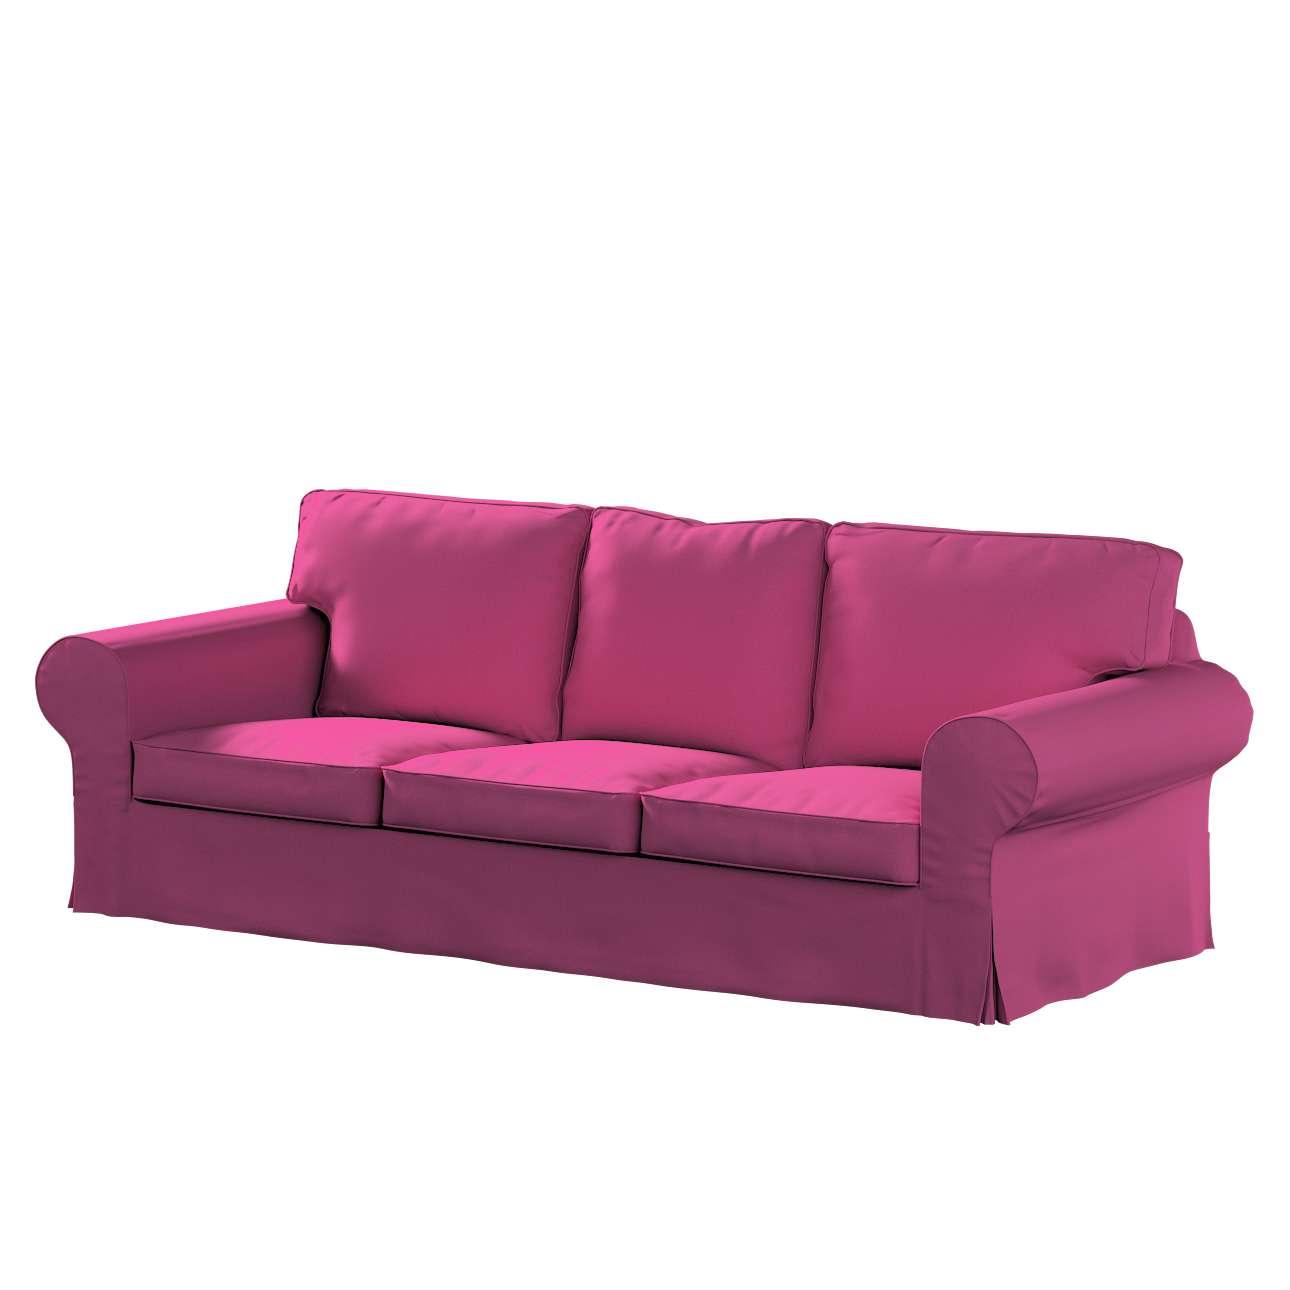 Pokrowiec na sofę Ektorp 3-osobową, rozkładaną w kolekcji Living II, tkanina: 161-29